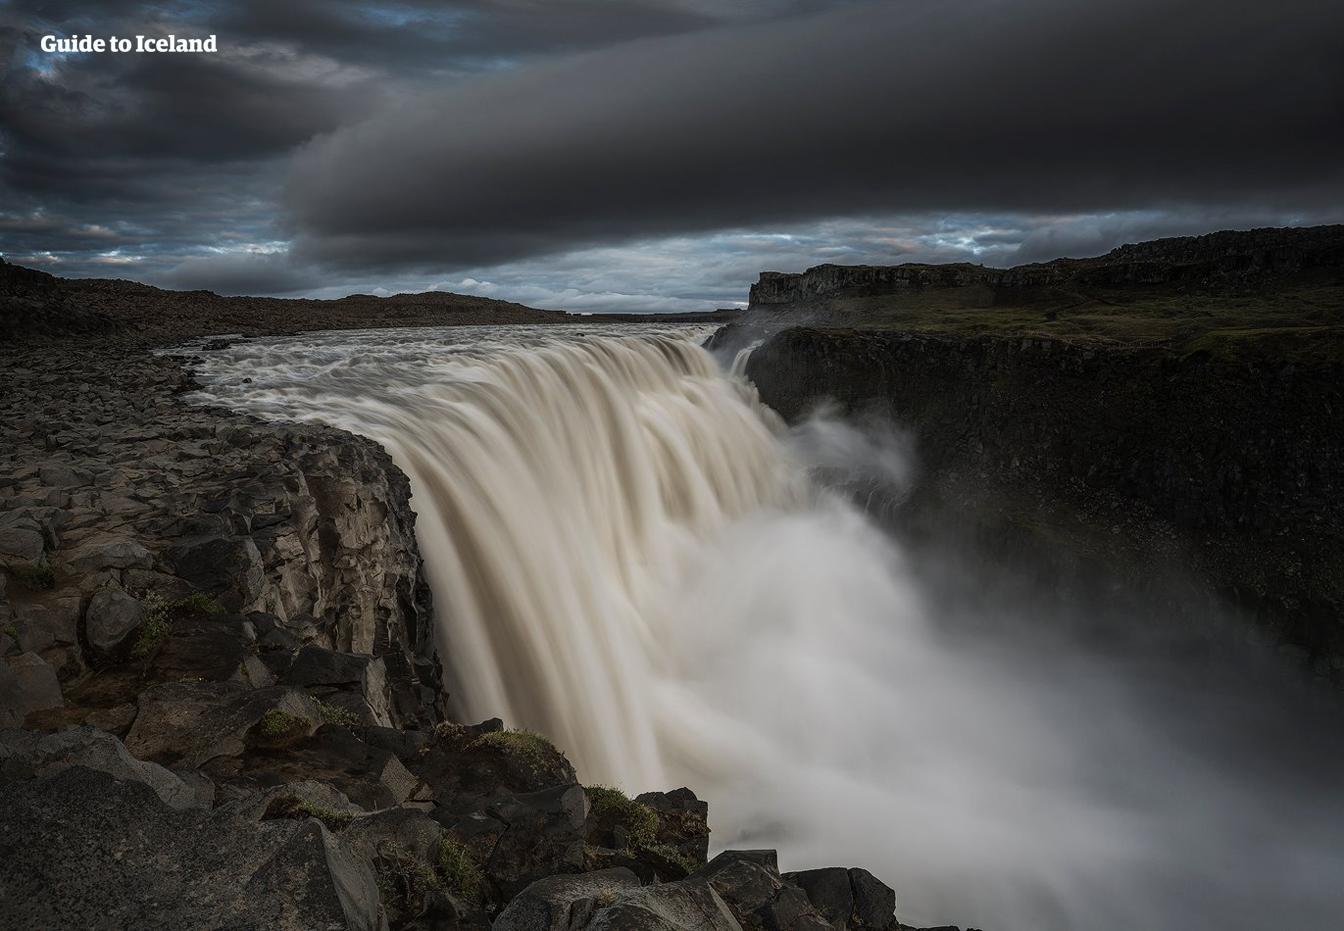 8 dni, samodzielna podróż | Dookoła Islandii z dłuższym pobytem na południu - day 6